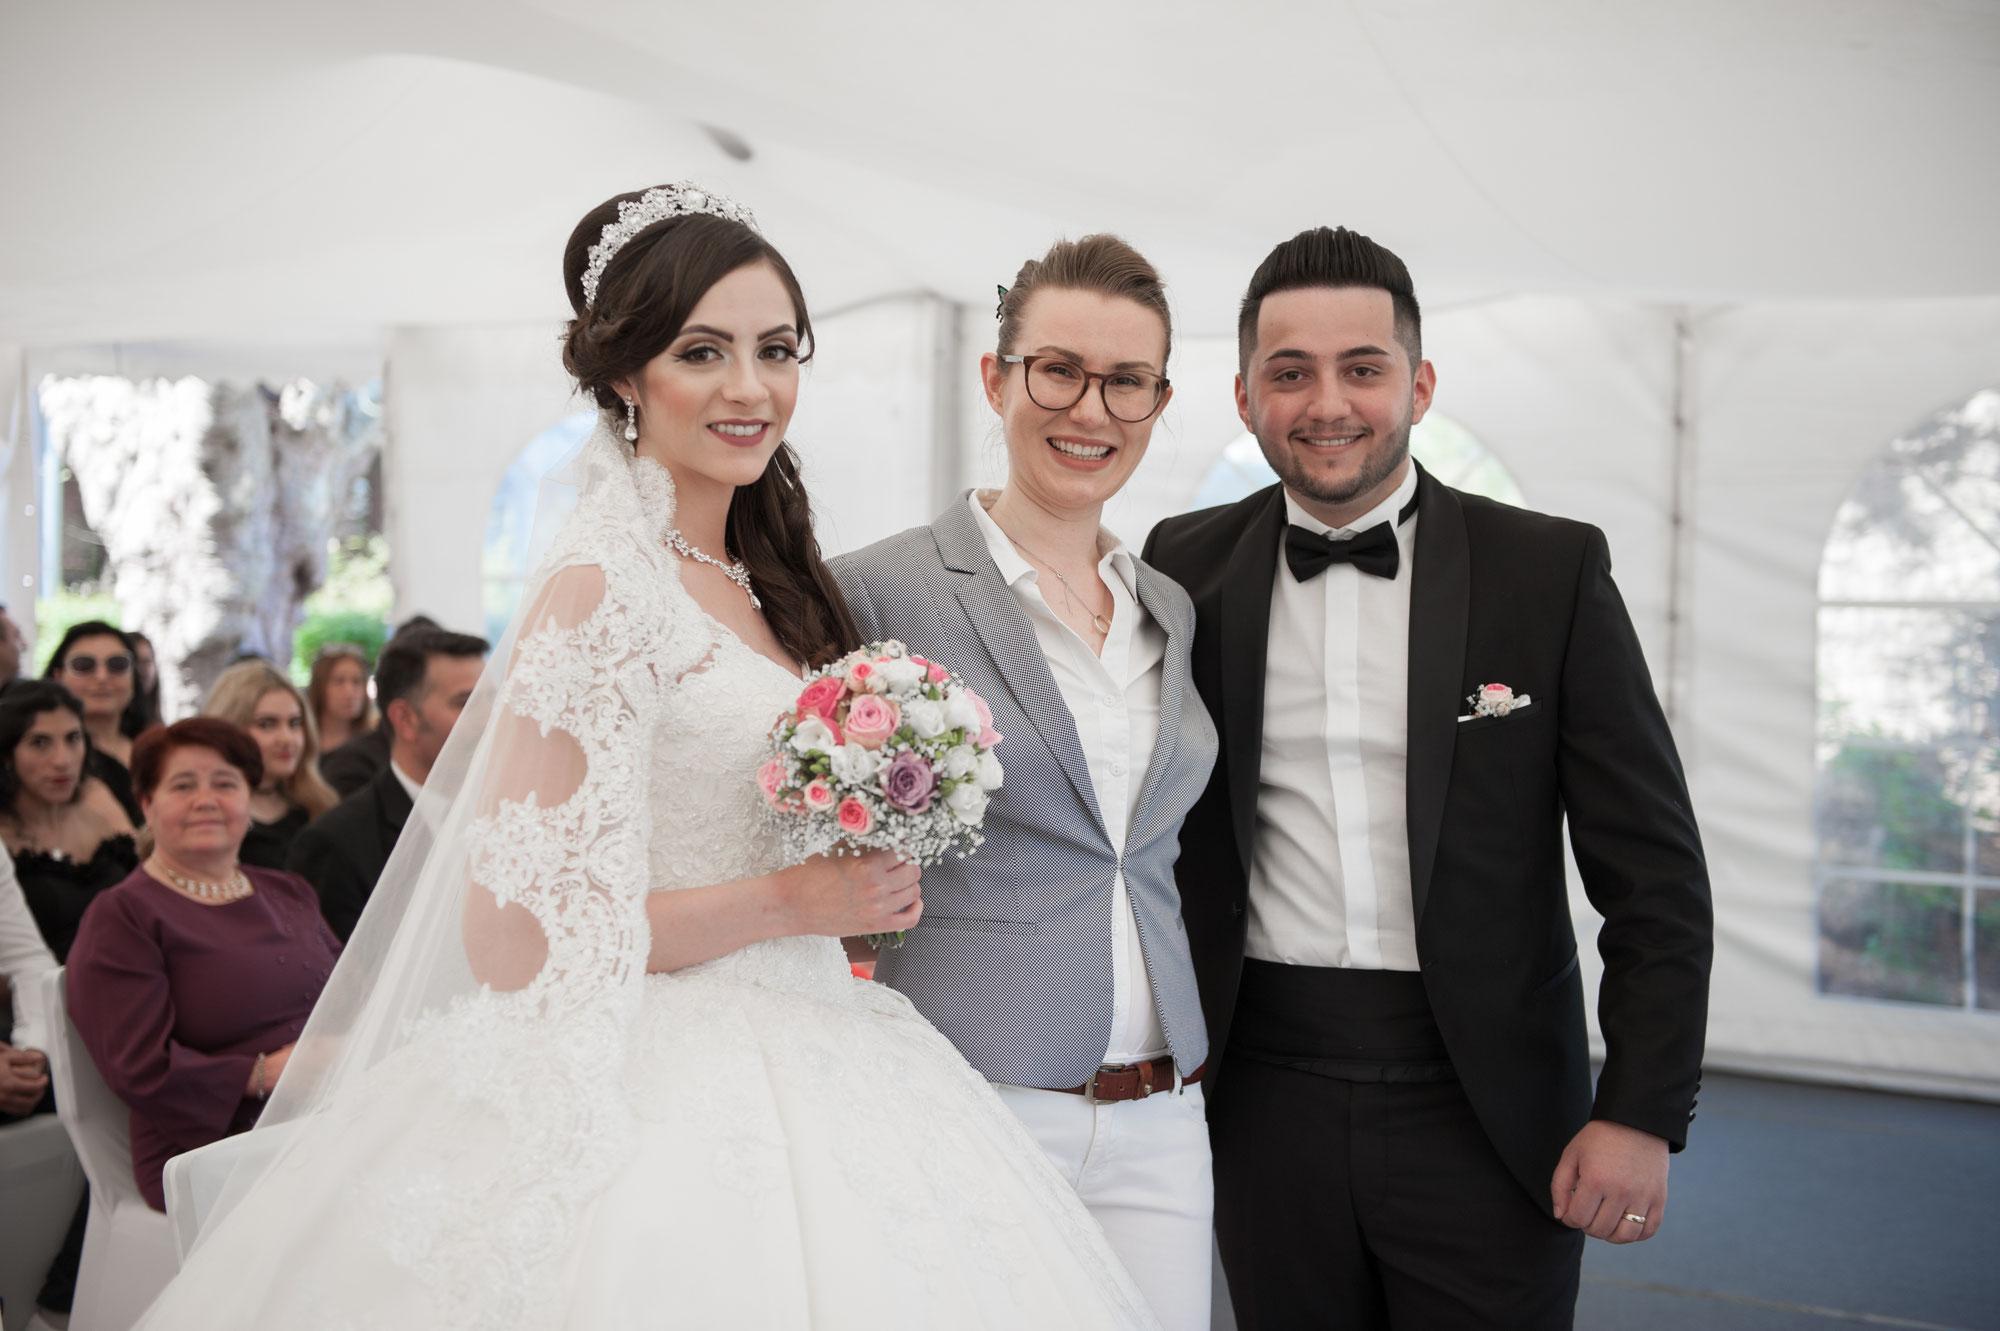 Eine italienisch-türkische Hochzeit in Heidelberg - und ich als Traurednerin mittendrin! Die freie Trauung von Alessia und Fuat im Moods in Heidelberg